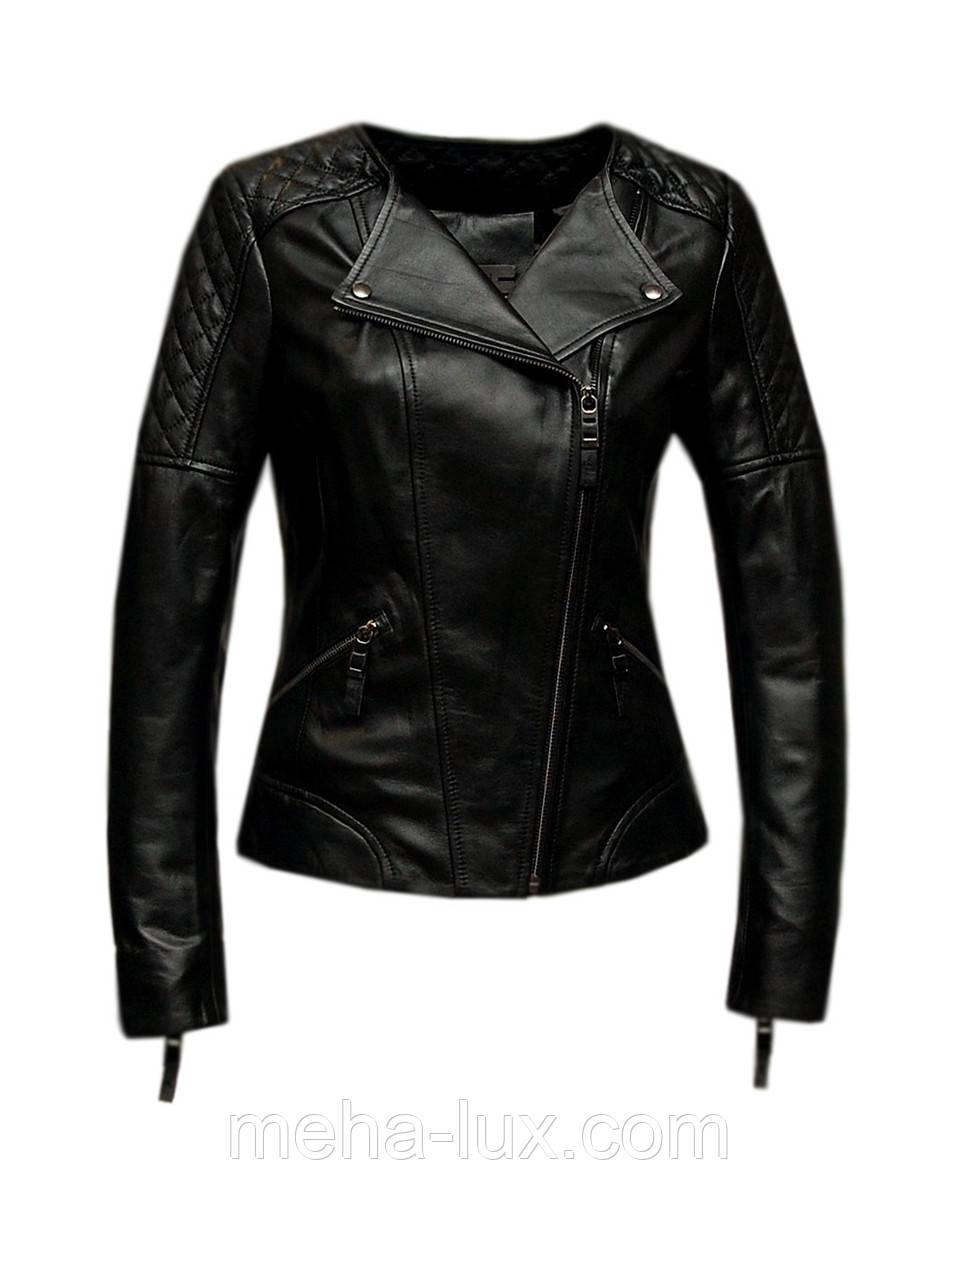 Куртка косуха женская кожаная Albertini короткая черная -